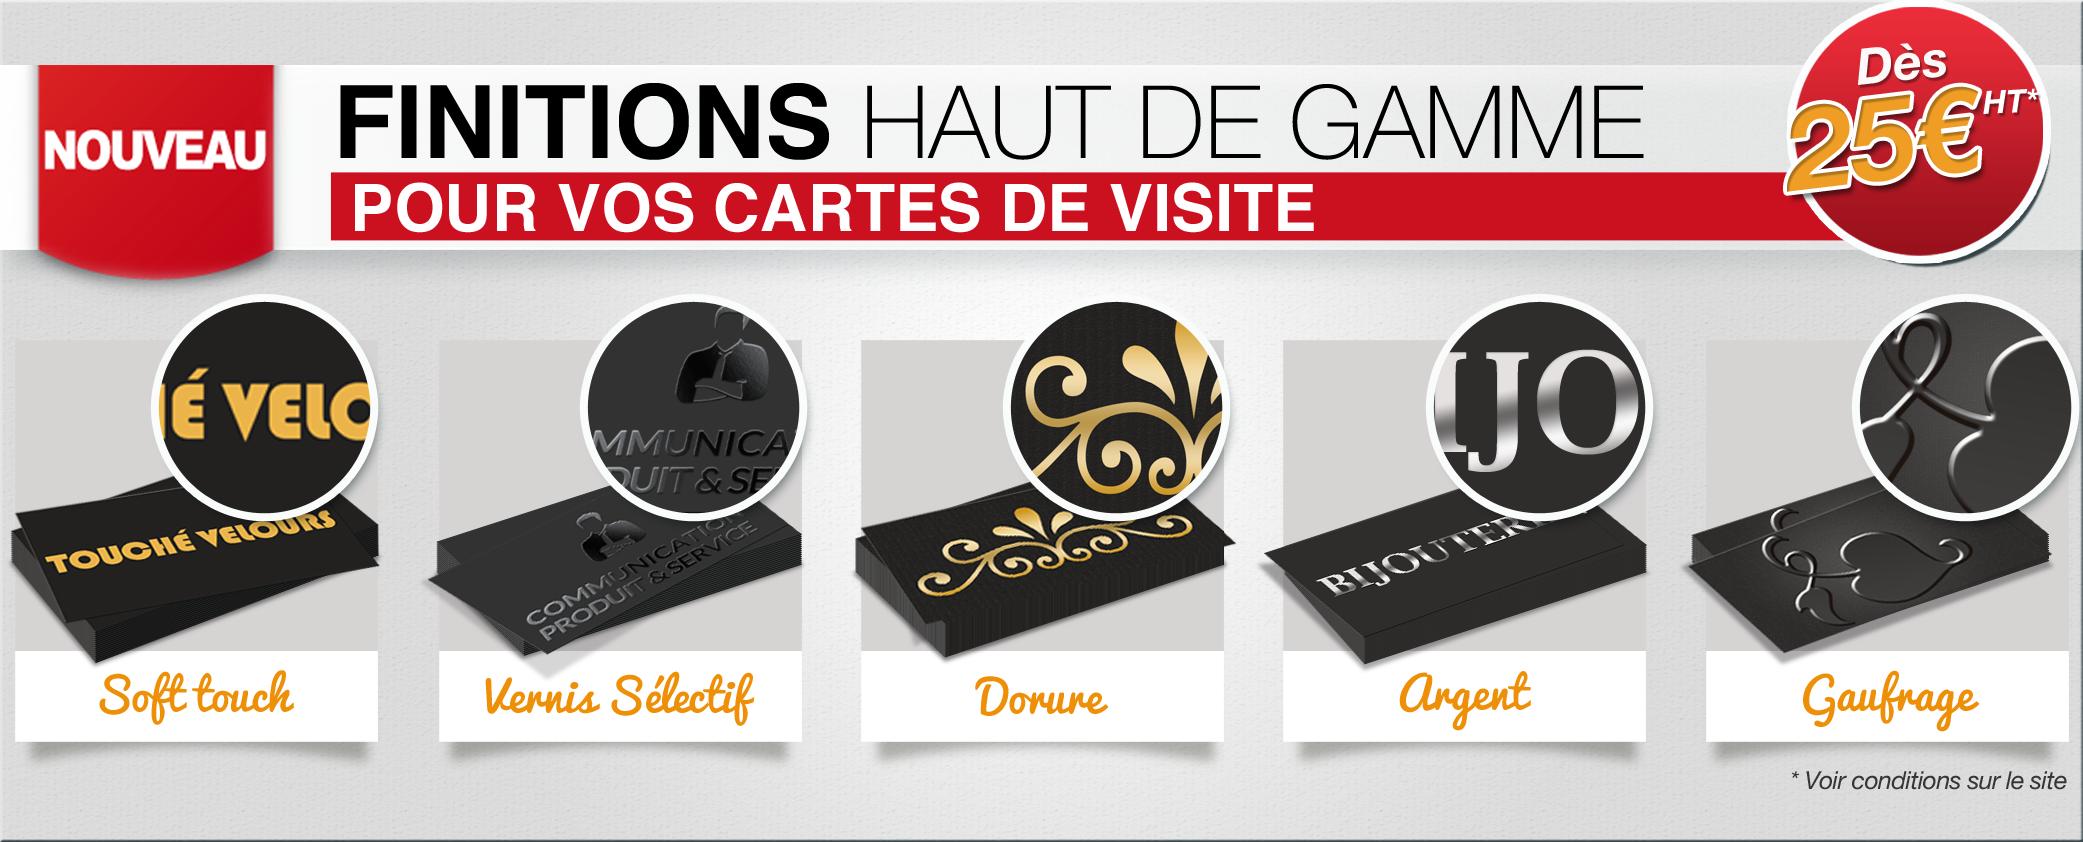 Carte De Visite Amp Flyer Decouvrez Les Nouvelles Finitions